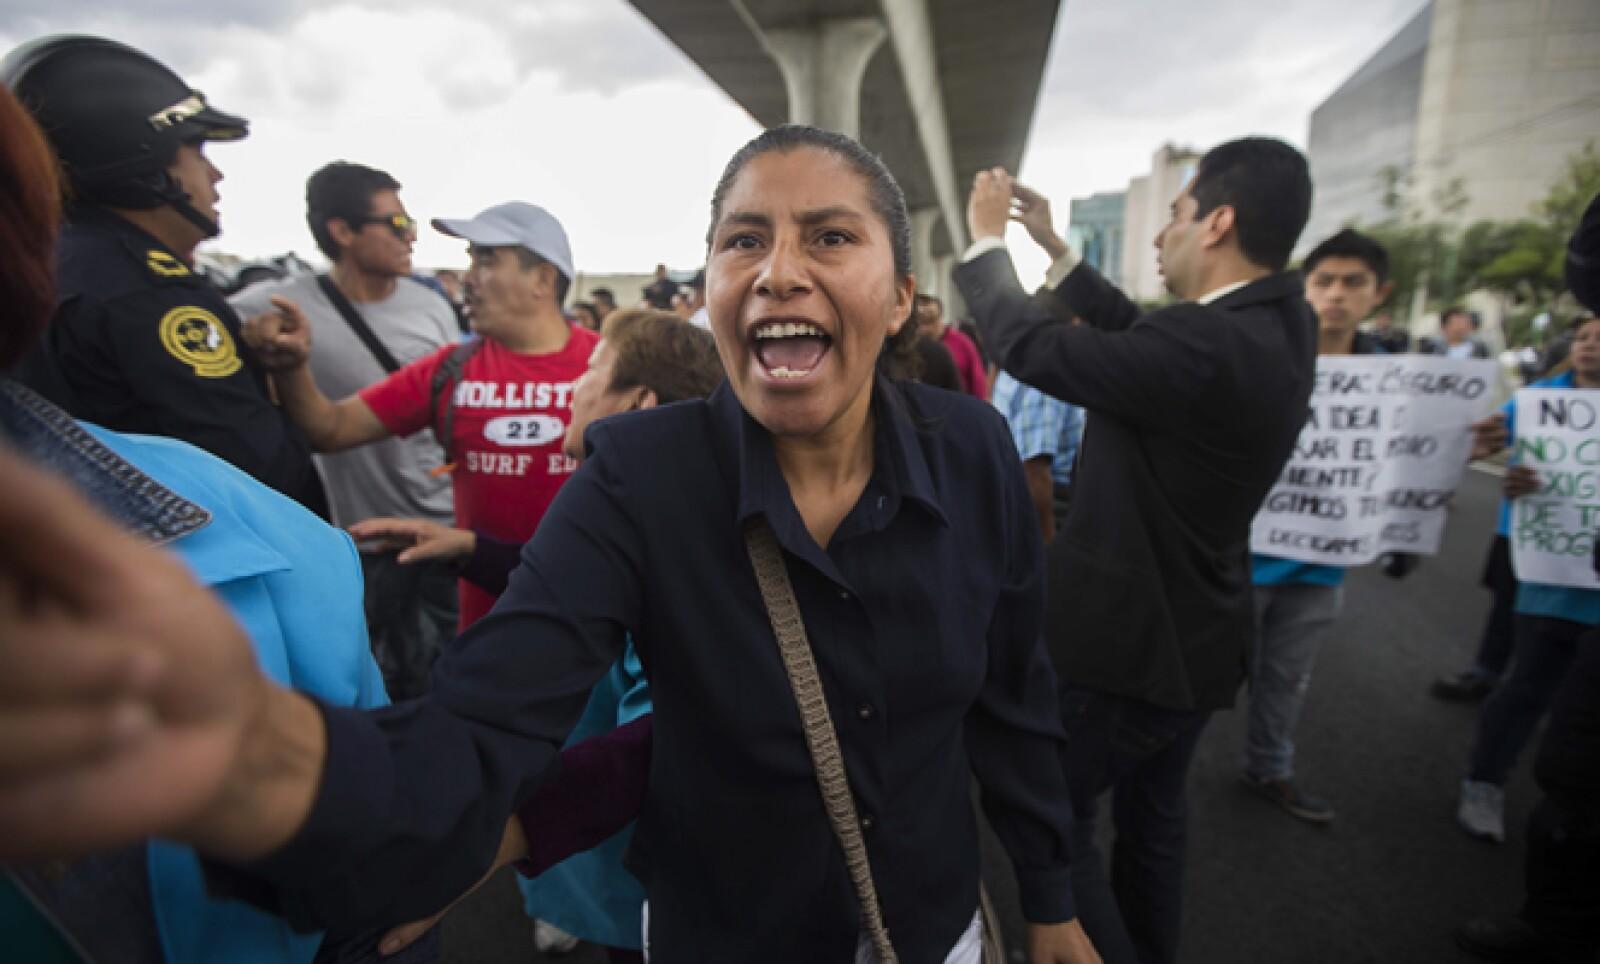 El bloqueo de los manifestantes duró más de cuatro horas en los carriles centrales y laterales de Periférico, una de las arterias viales más importantes de la capital.